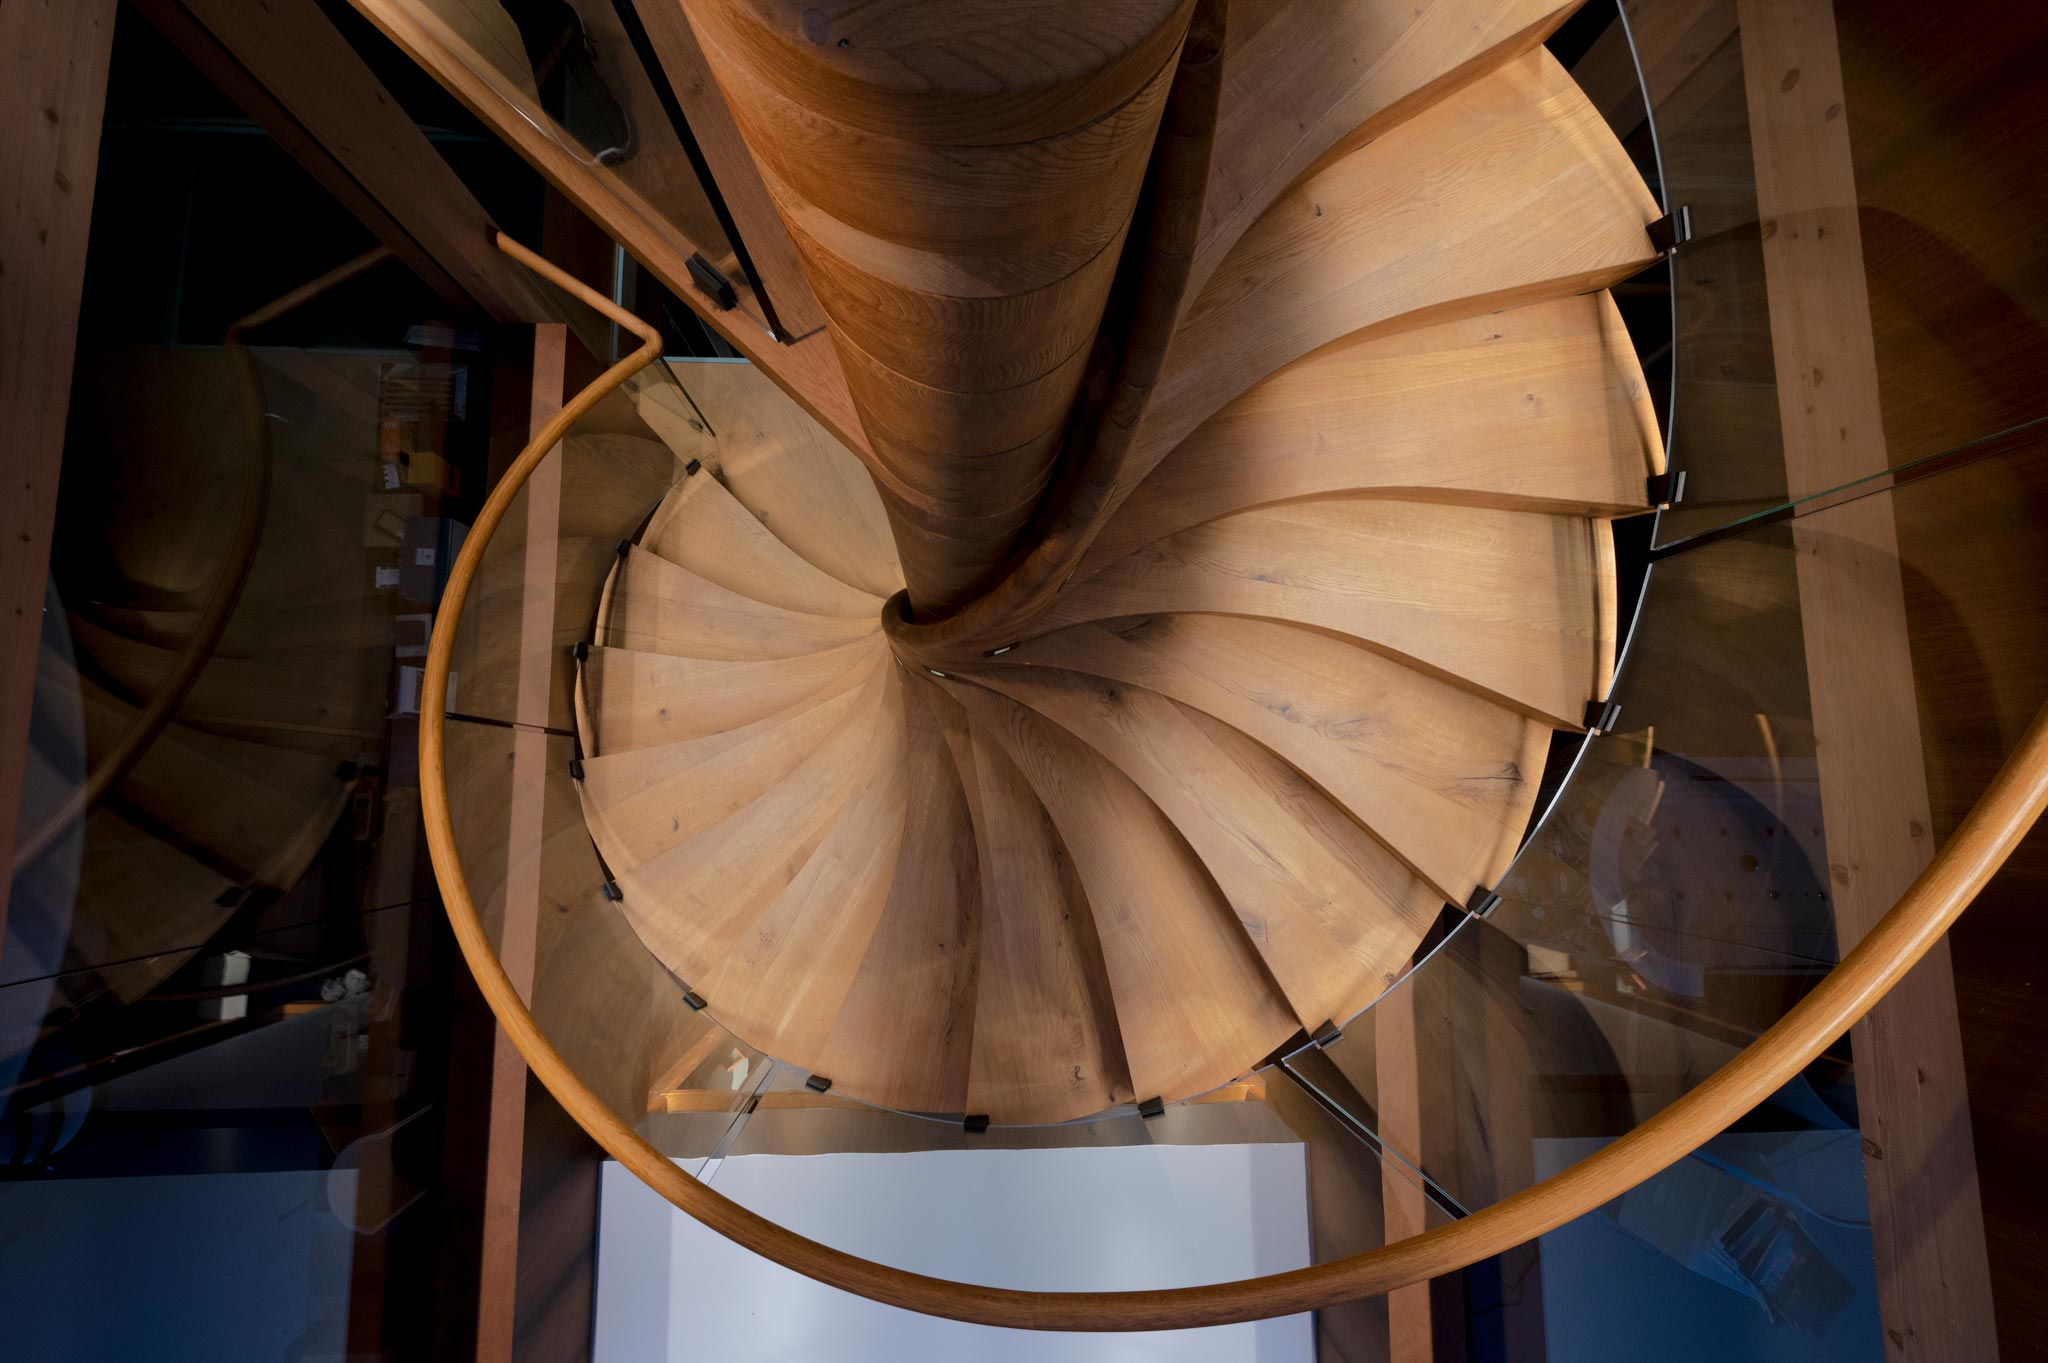 ES ShowR escalier hor 21 02 1024 - Escalier Showroom ESKISS